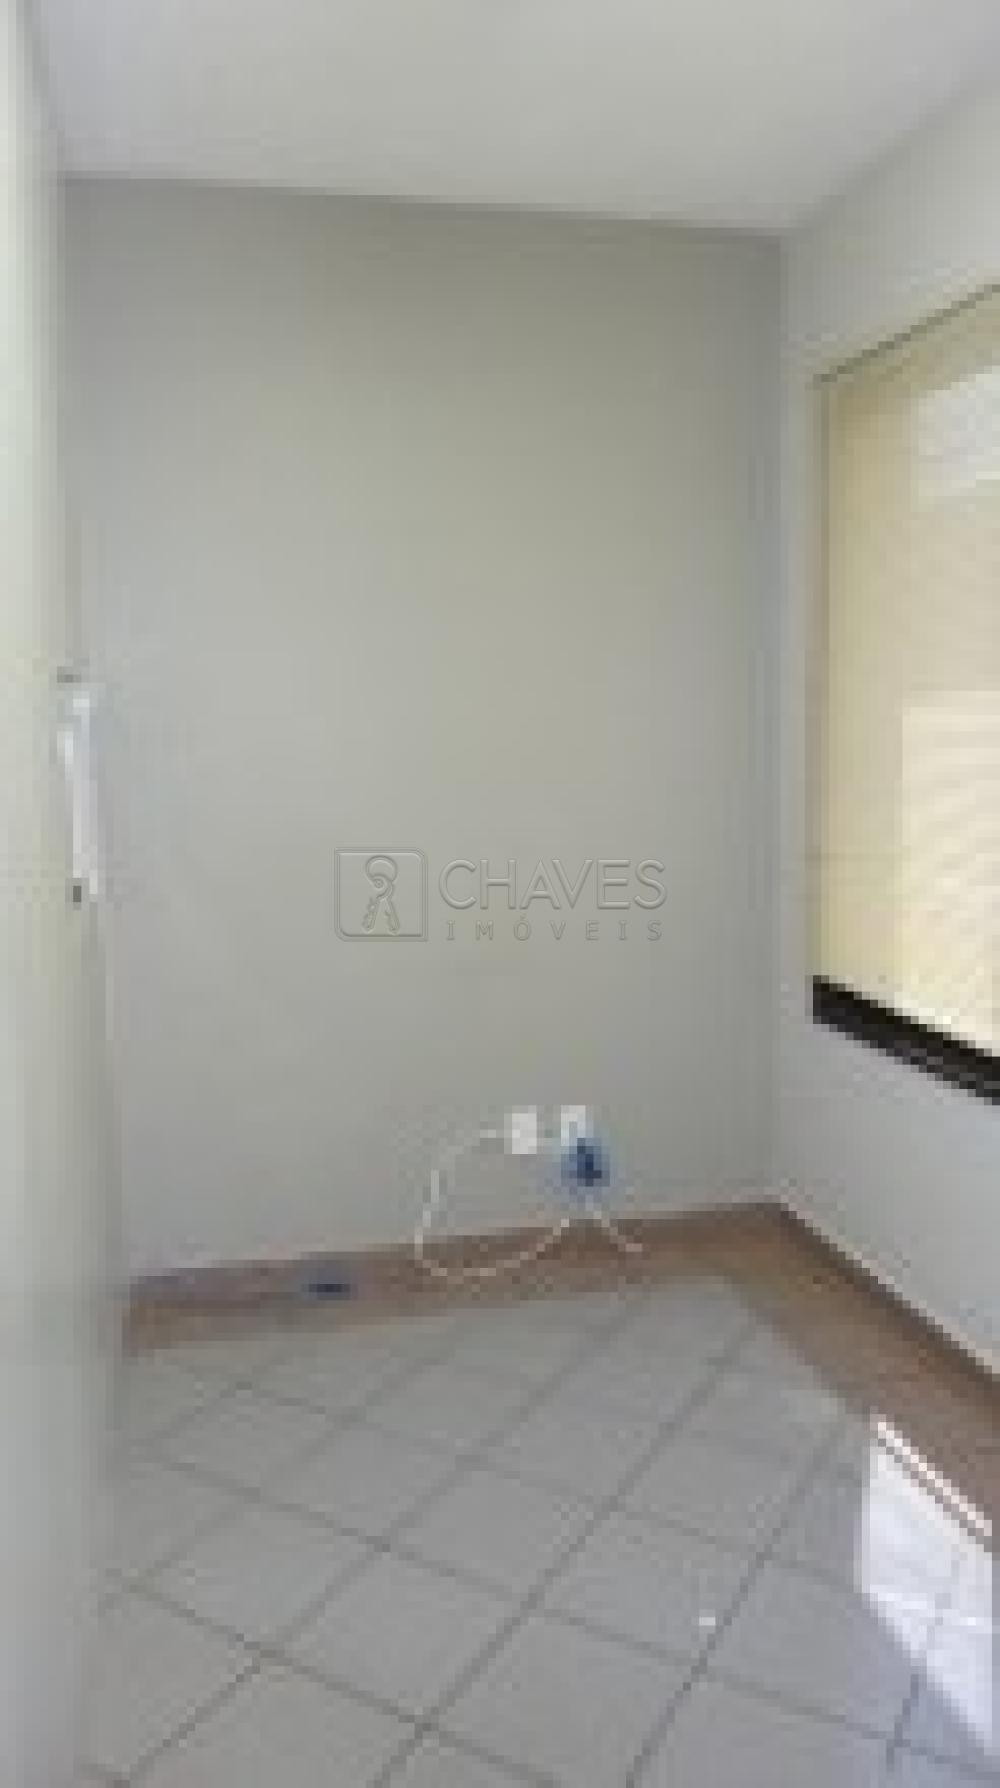 Alugar Comercial / Sala em Condomínio em Ribeirão Preto R$ 670,00 - Foto 9